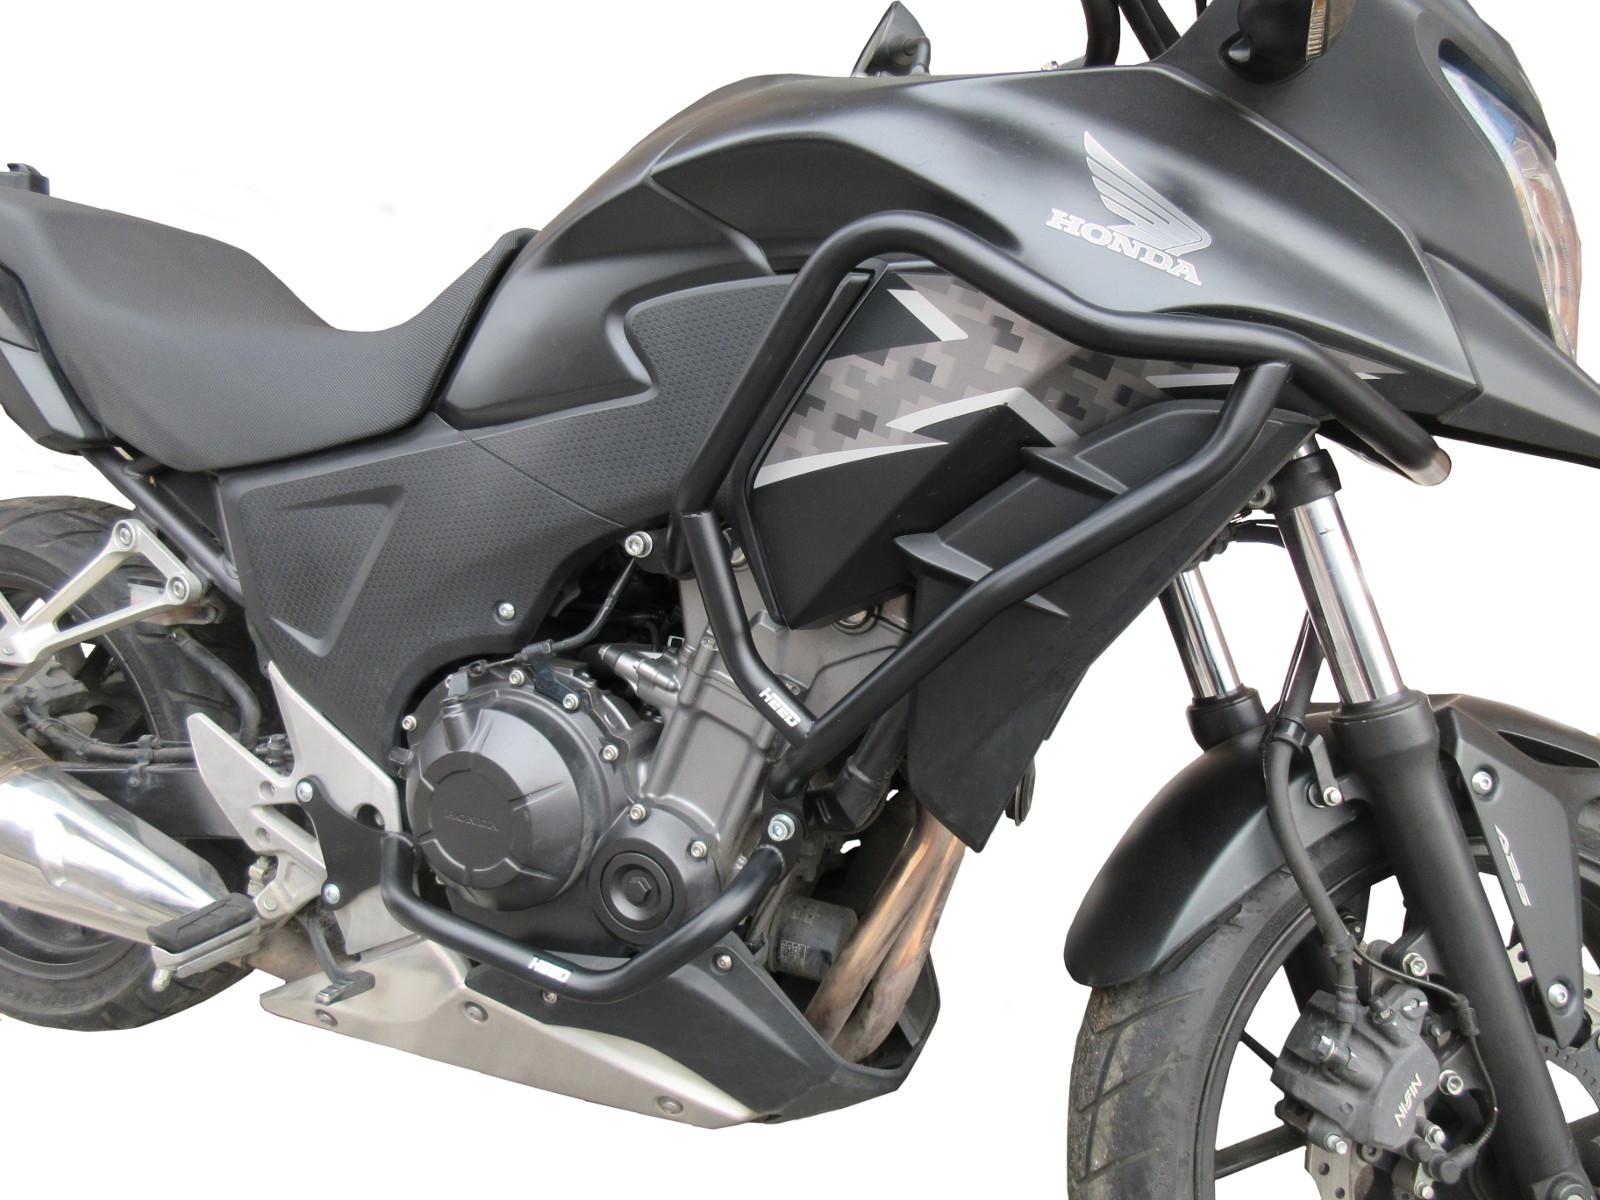 black Tamponi paratelaio per moto Protezione per paratelaio per la maggior parte dei modelli di moto per la copertura della cassa del paramotore